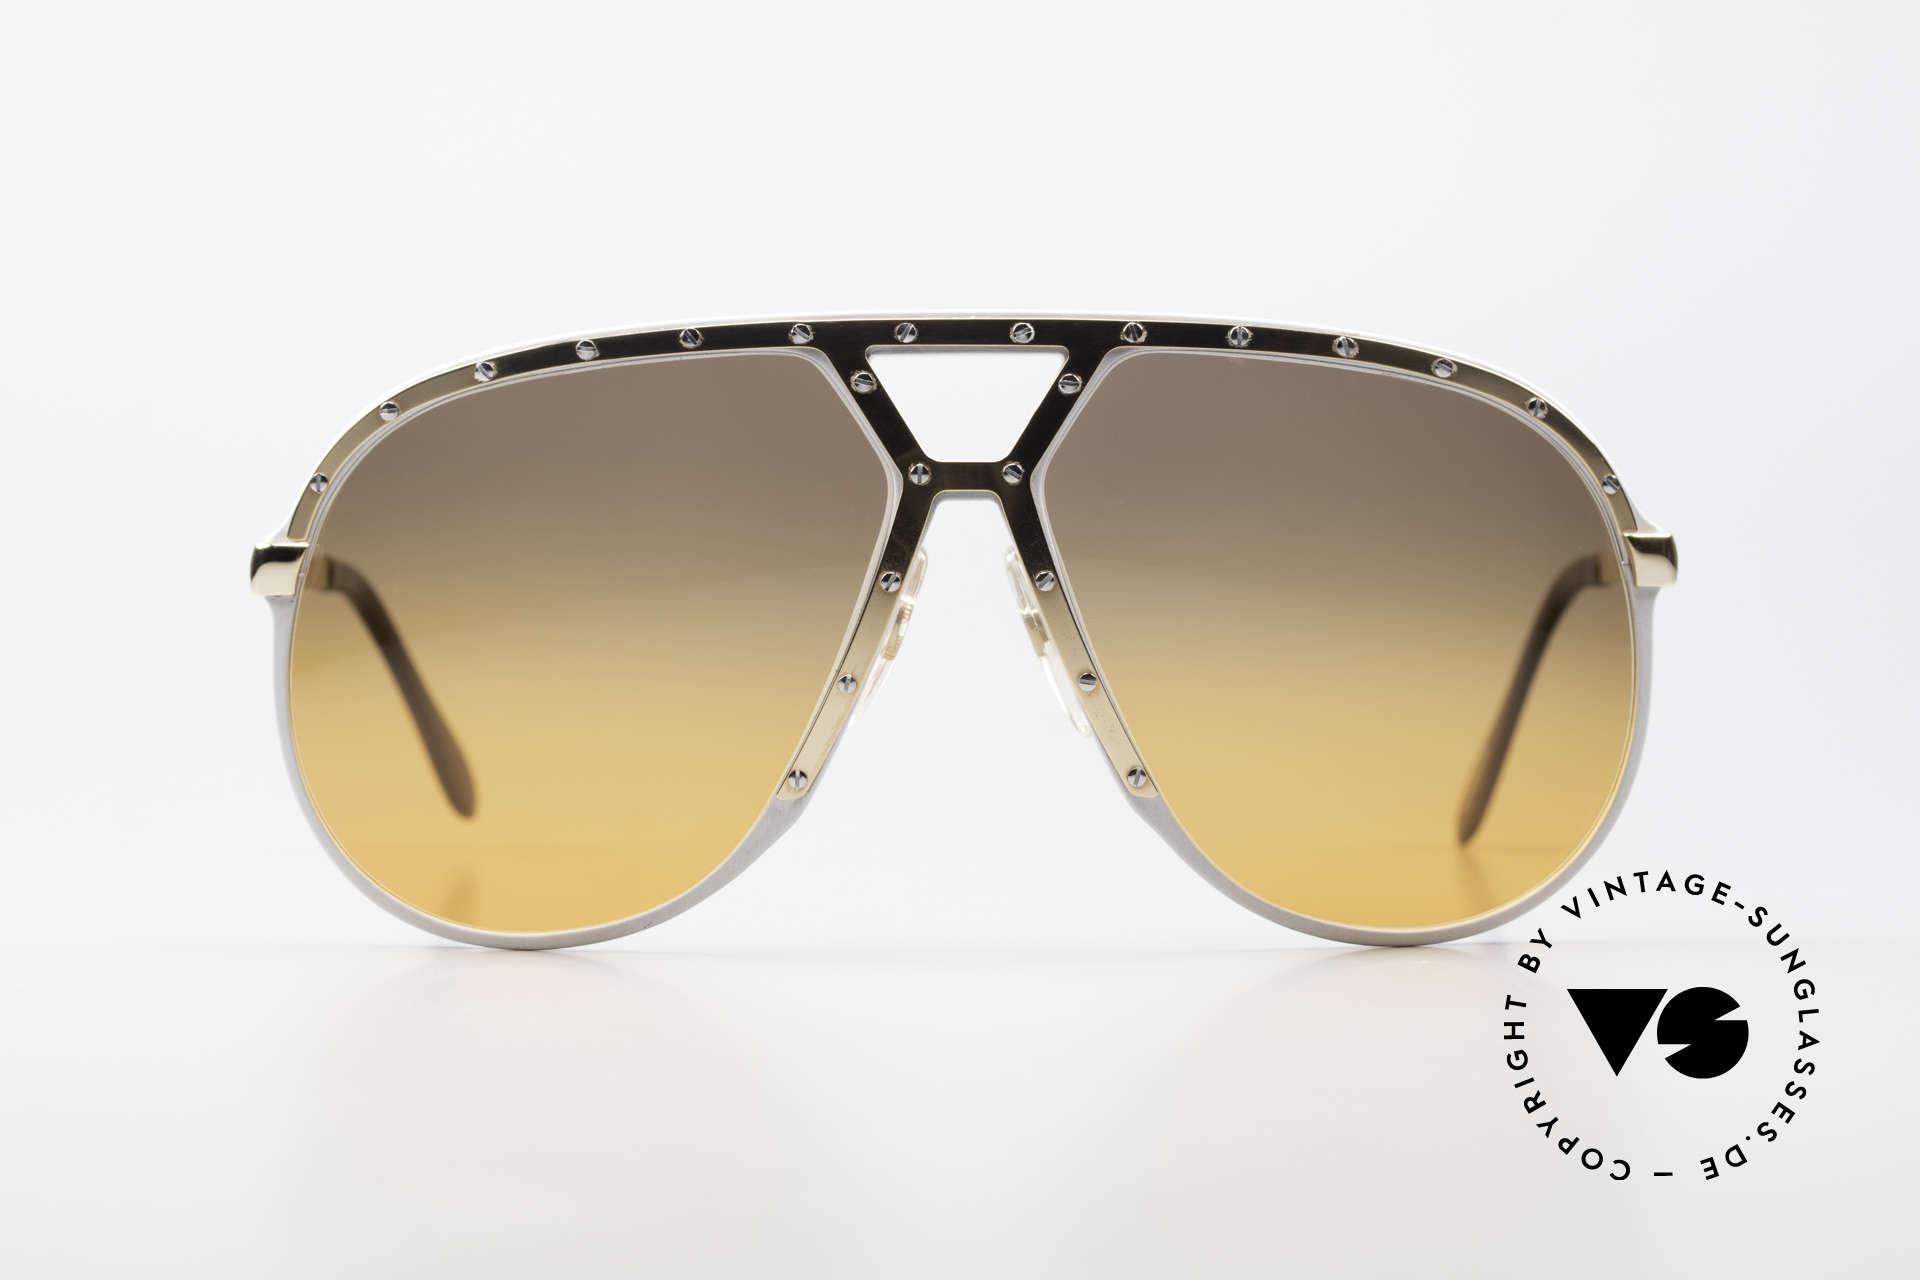 Alpina M1 Customized 80er Sonnenbrille, Stevie Wonder machte diese Brille weltberühmt, Passend für Herren